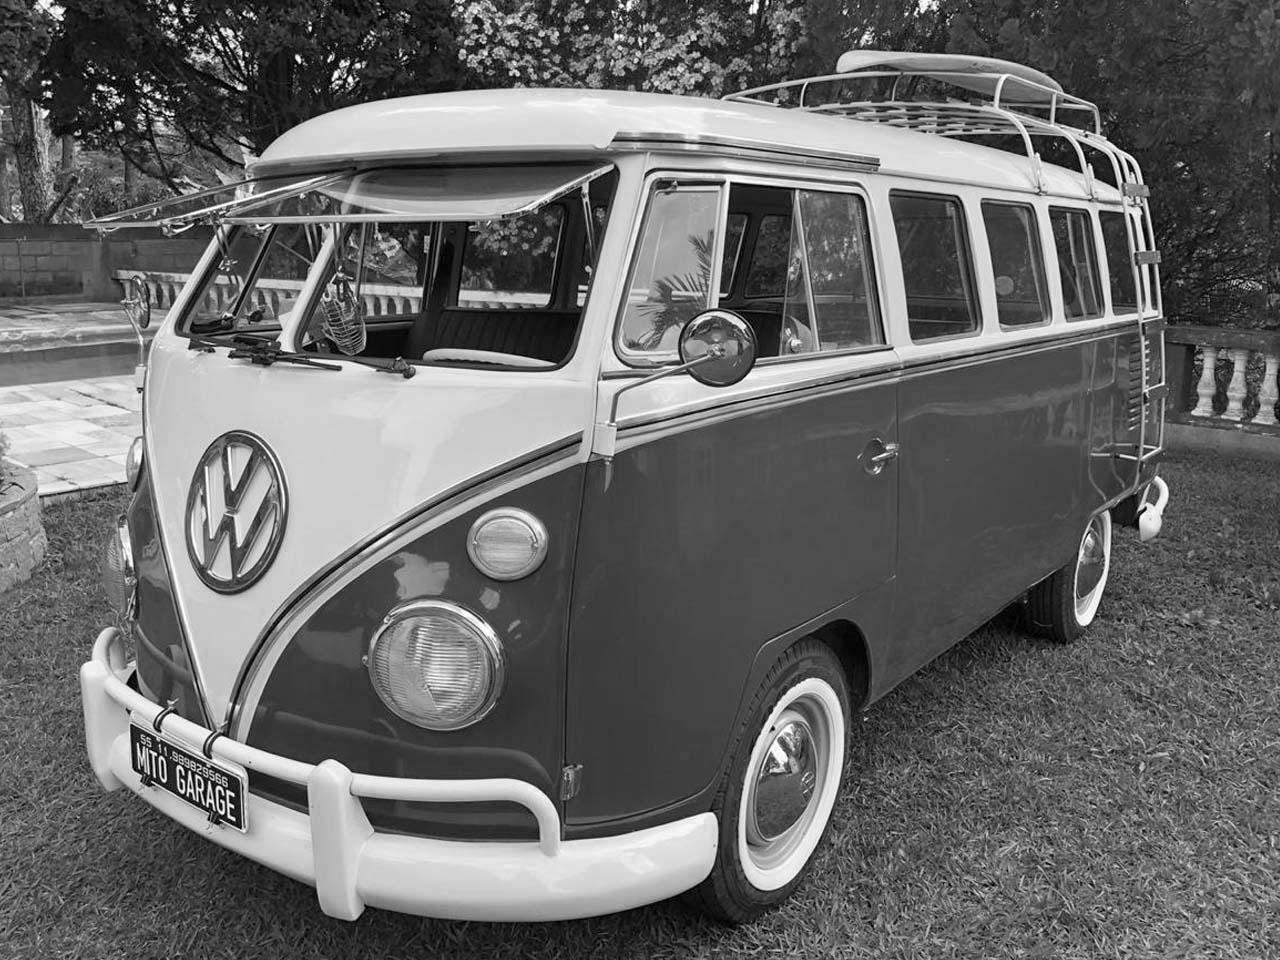 VW Kombi Azul Arara e Branca 1972